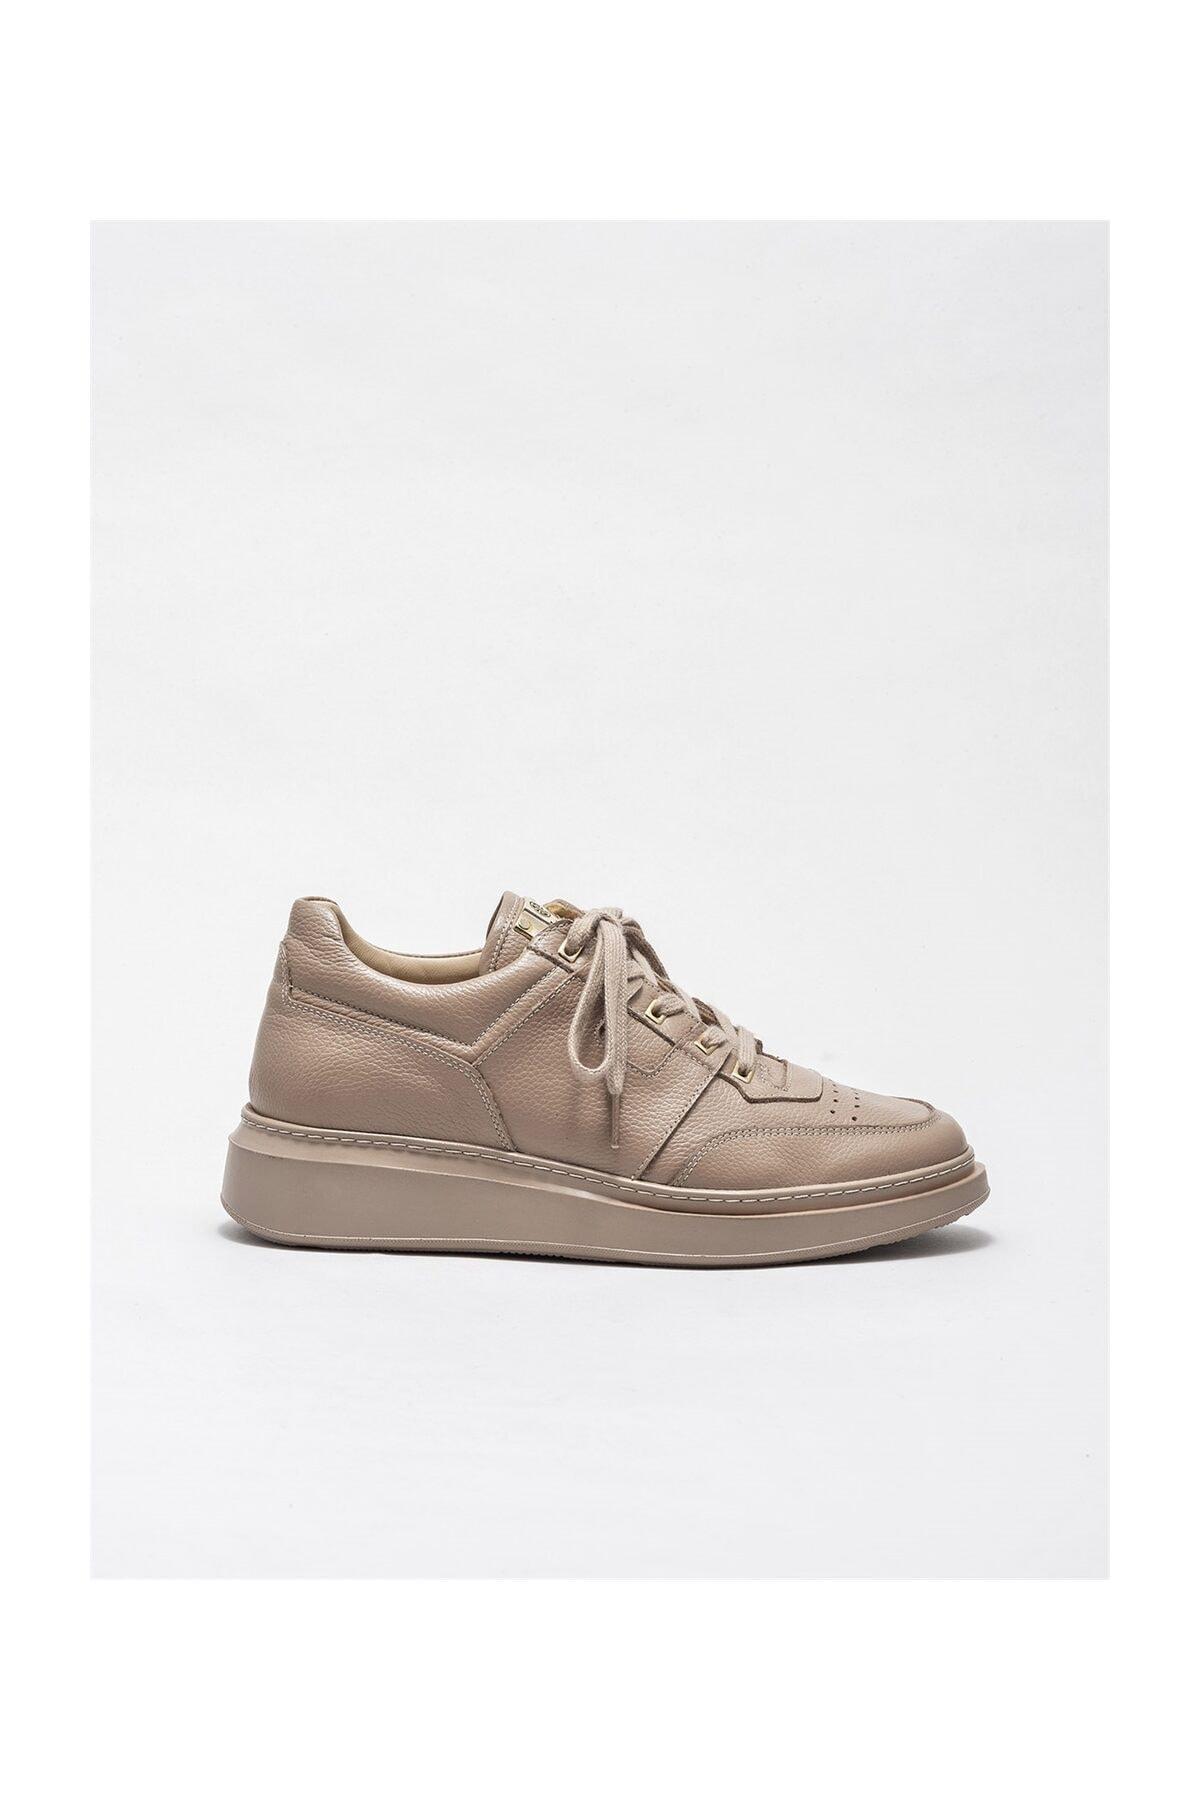 Elle Shoes Bej Deri Erkek Spor Ayakkabı 1